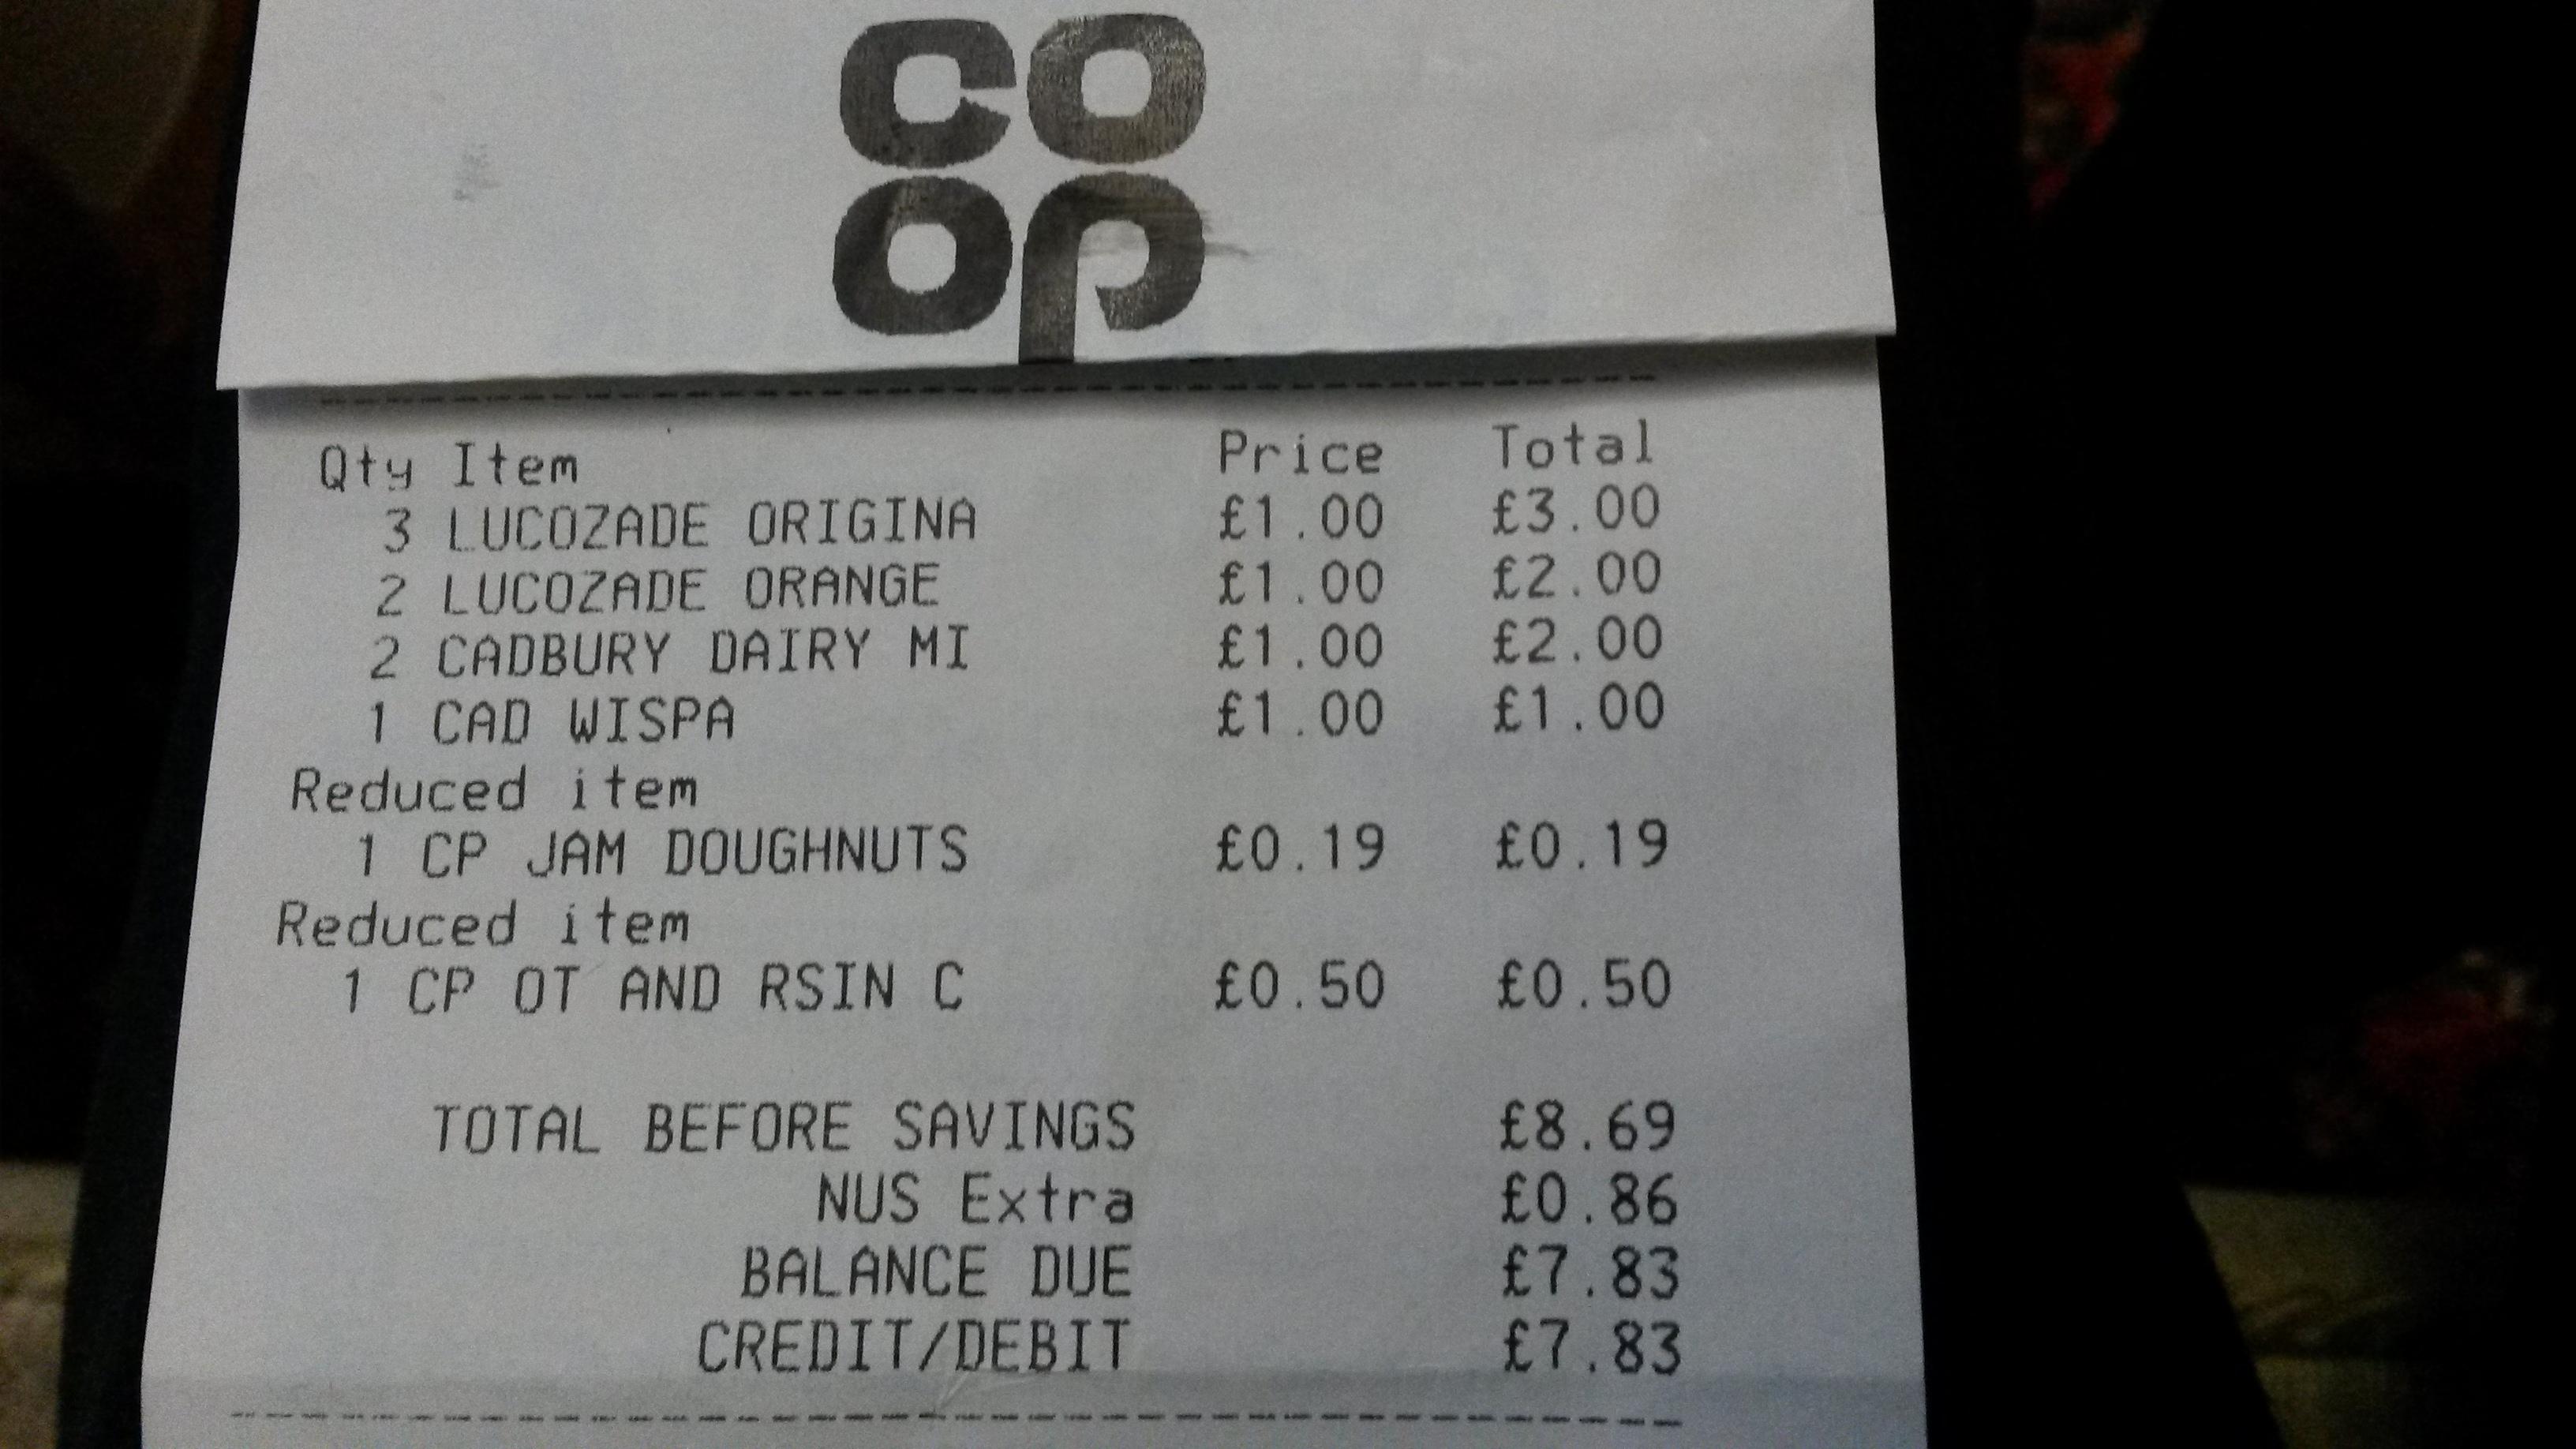 4 pack cadbury dairy milk £1 @ Co-op